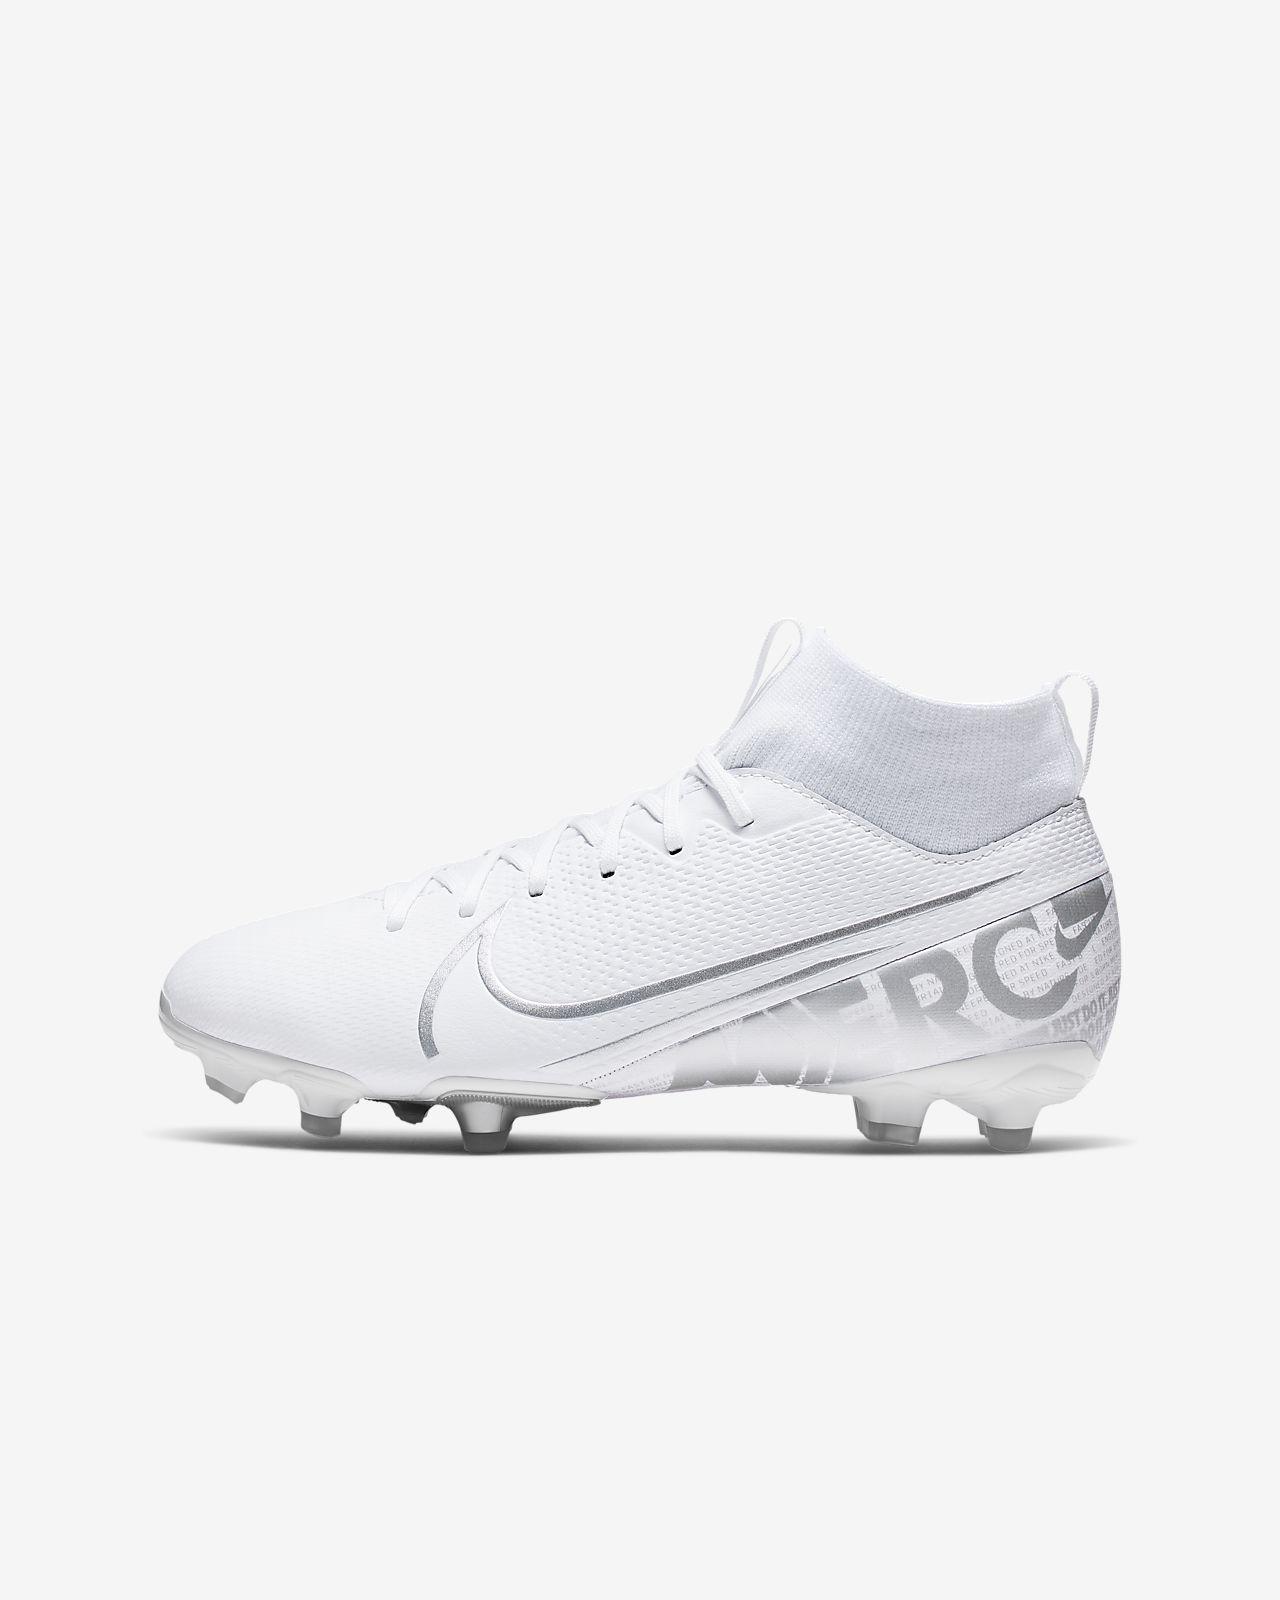 Nike Mercurial Superfly 7 Academy MG-fodboldstøvle til børn (flere typer underlag)